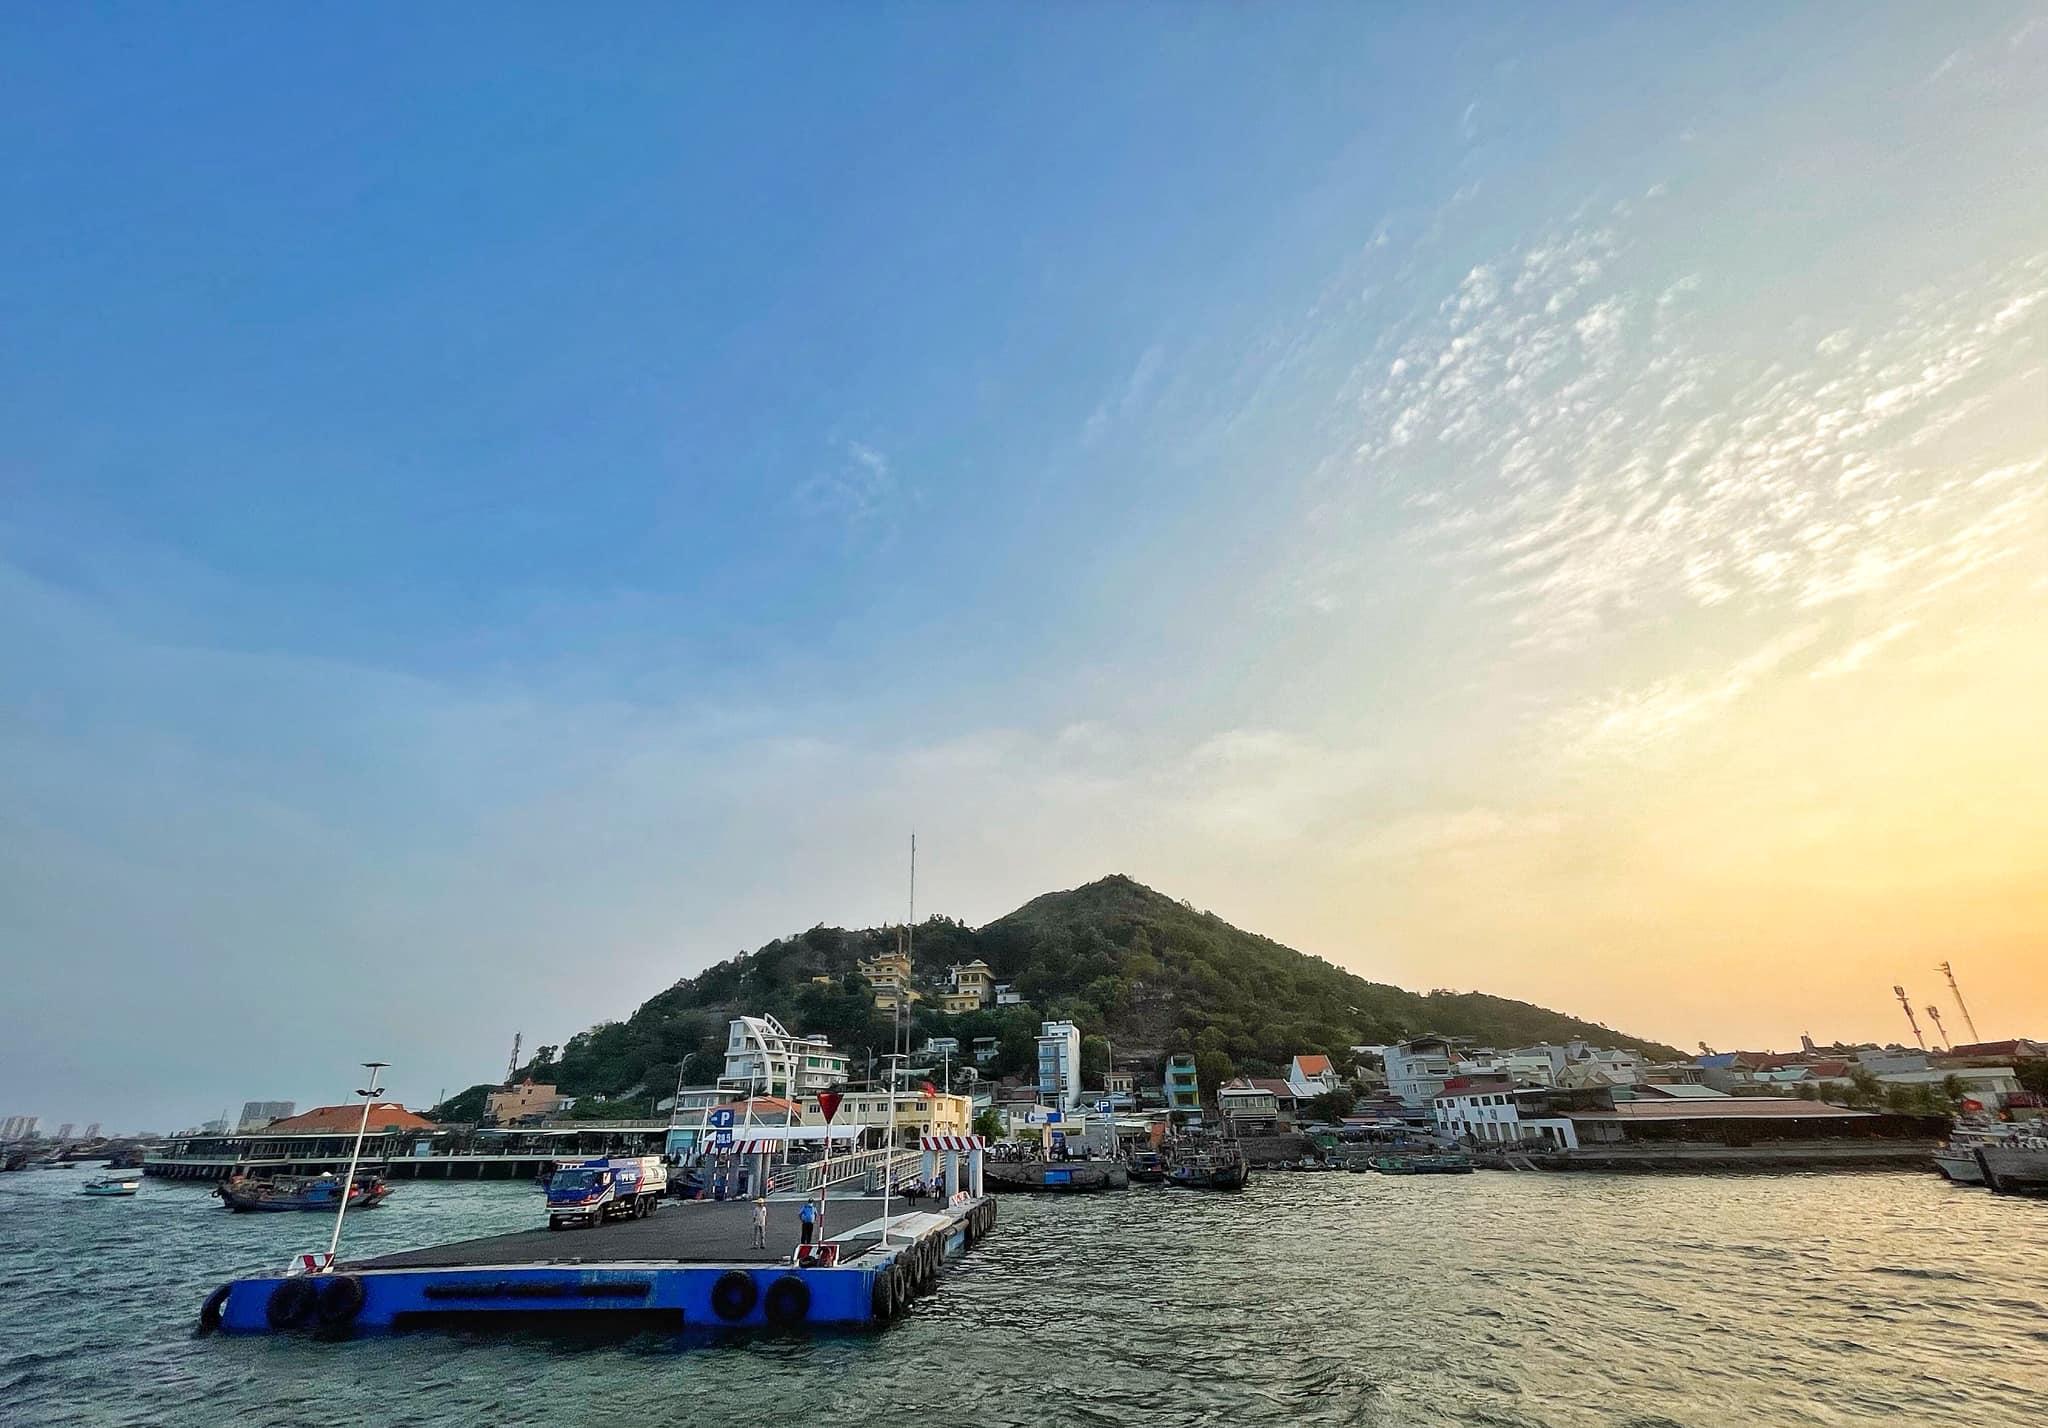 Gợi ý cách đi phà từ Cần Giờ đến Vũng Tàu tiết kiệm chi phí - Nguồn ảnh: Phan Lộc